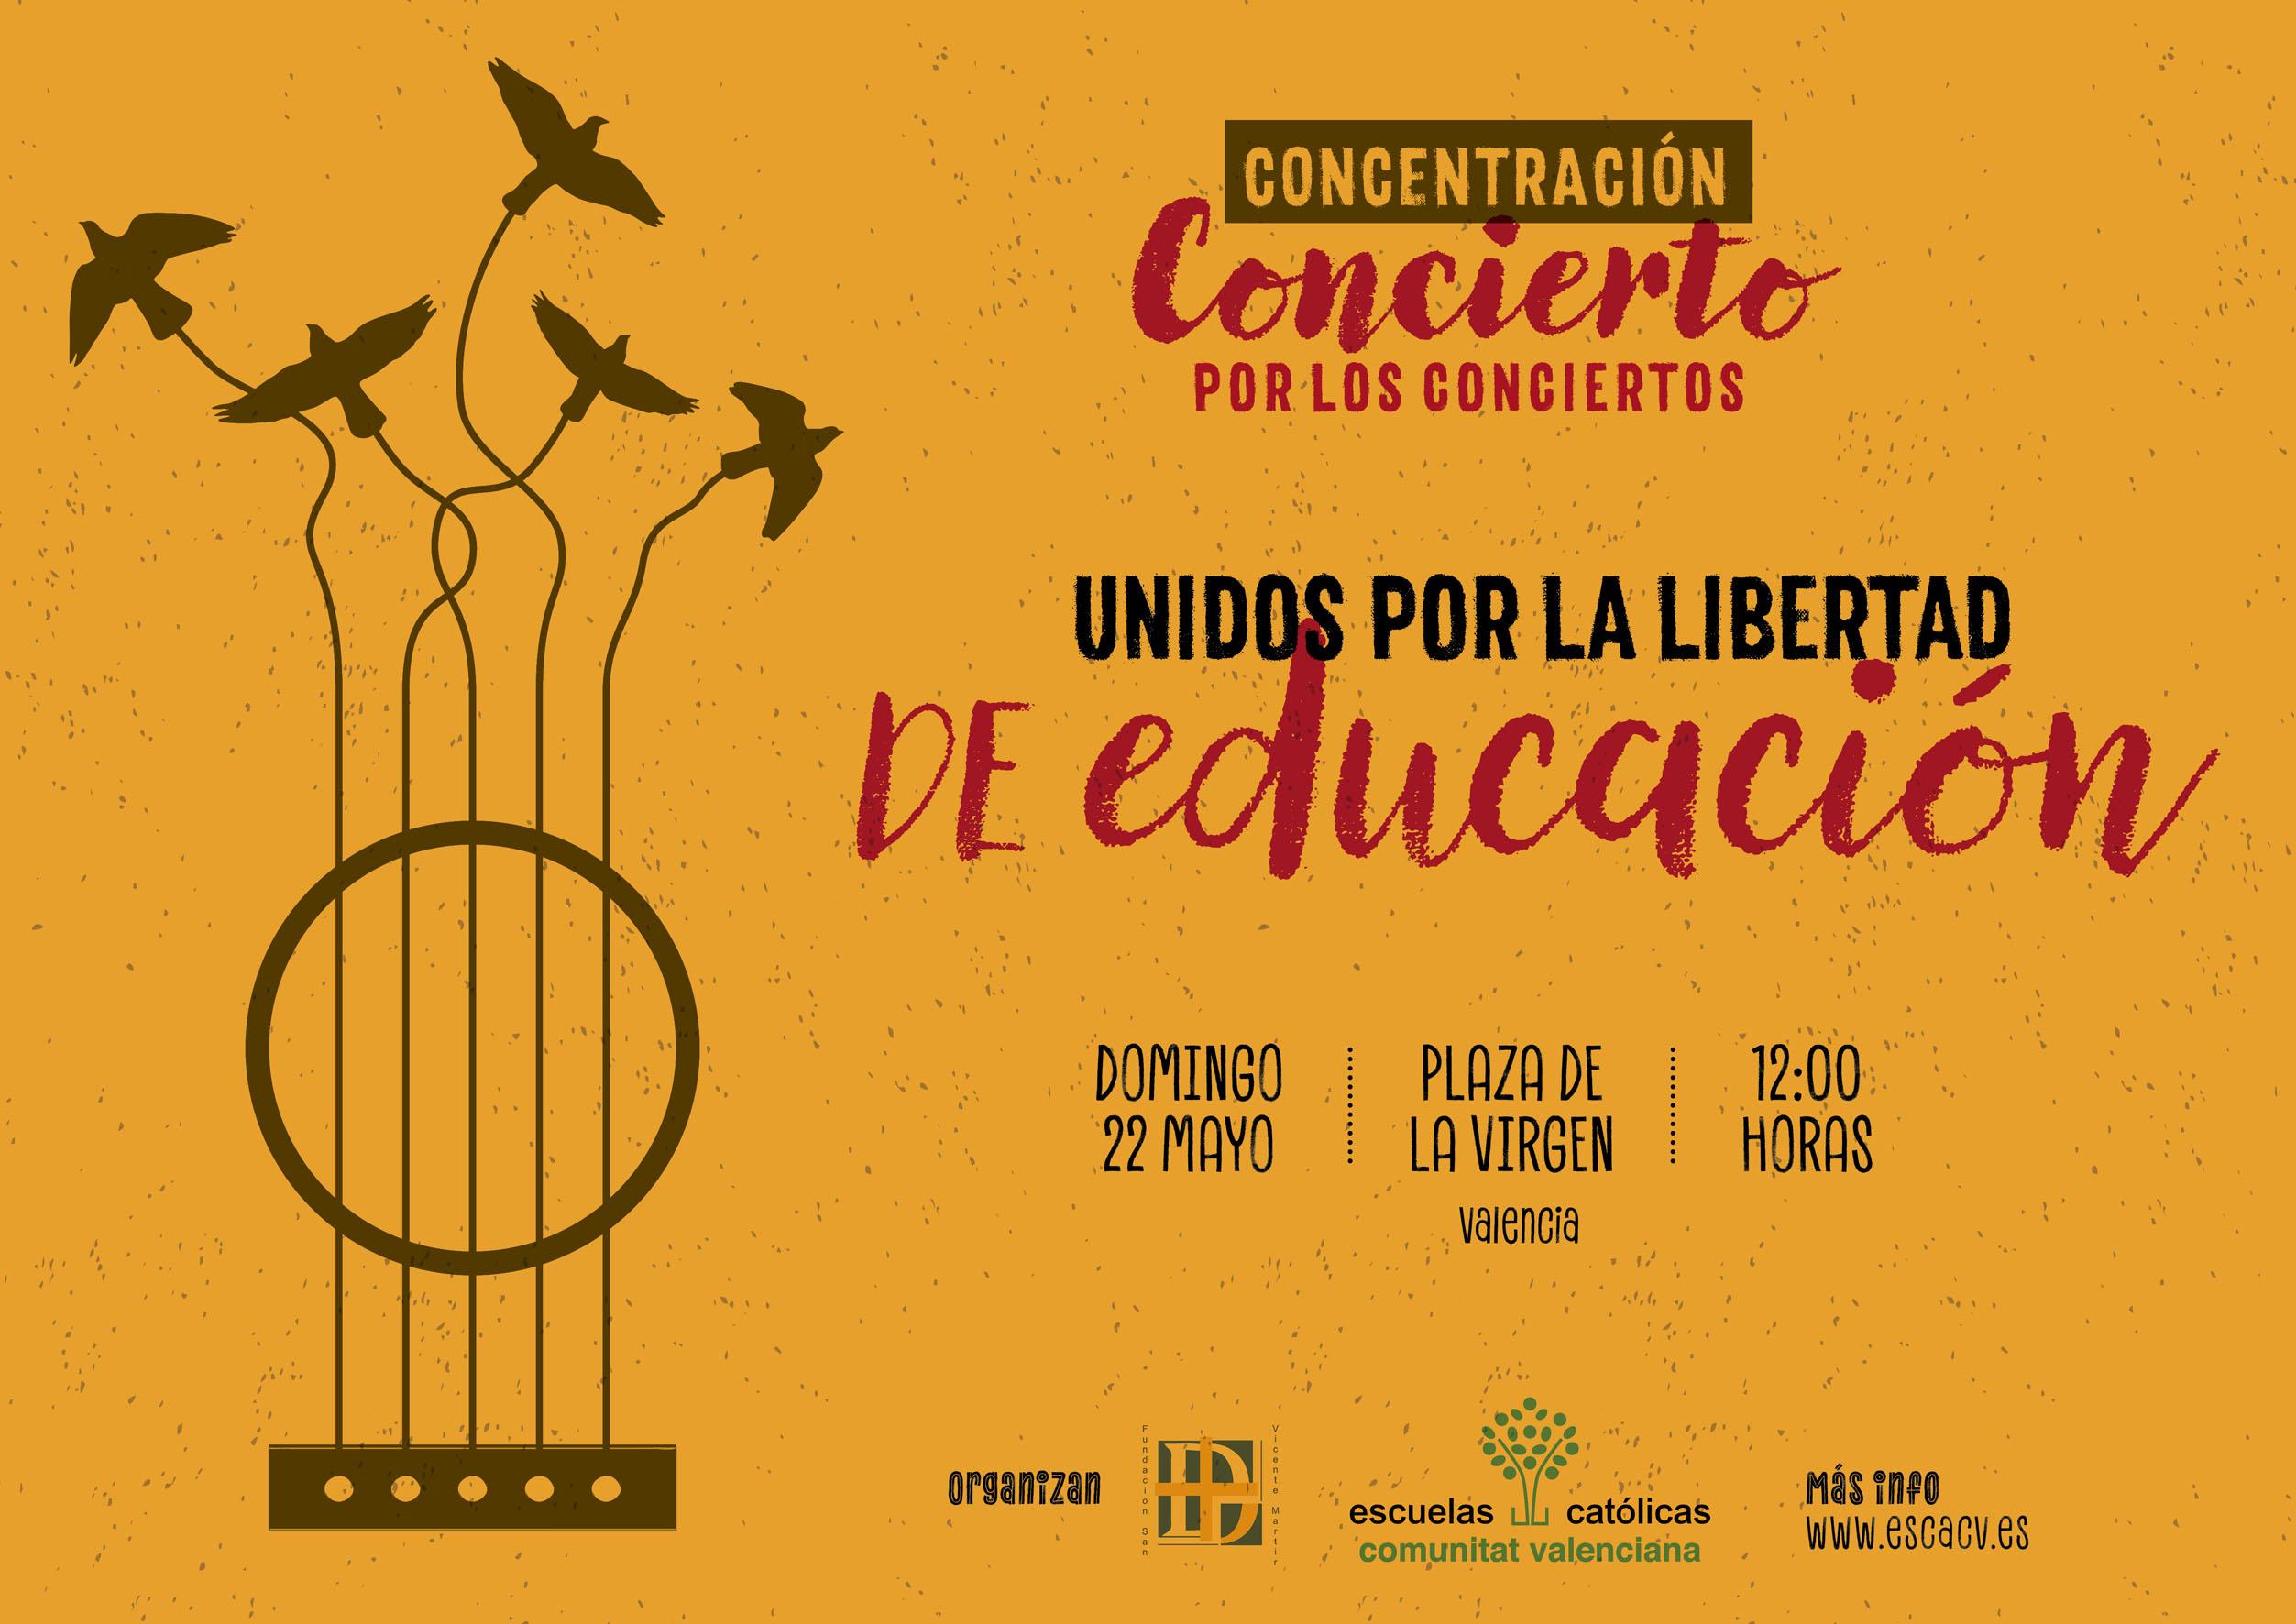 cartel concentracion educacion